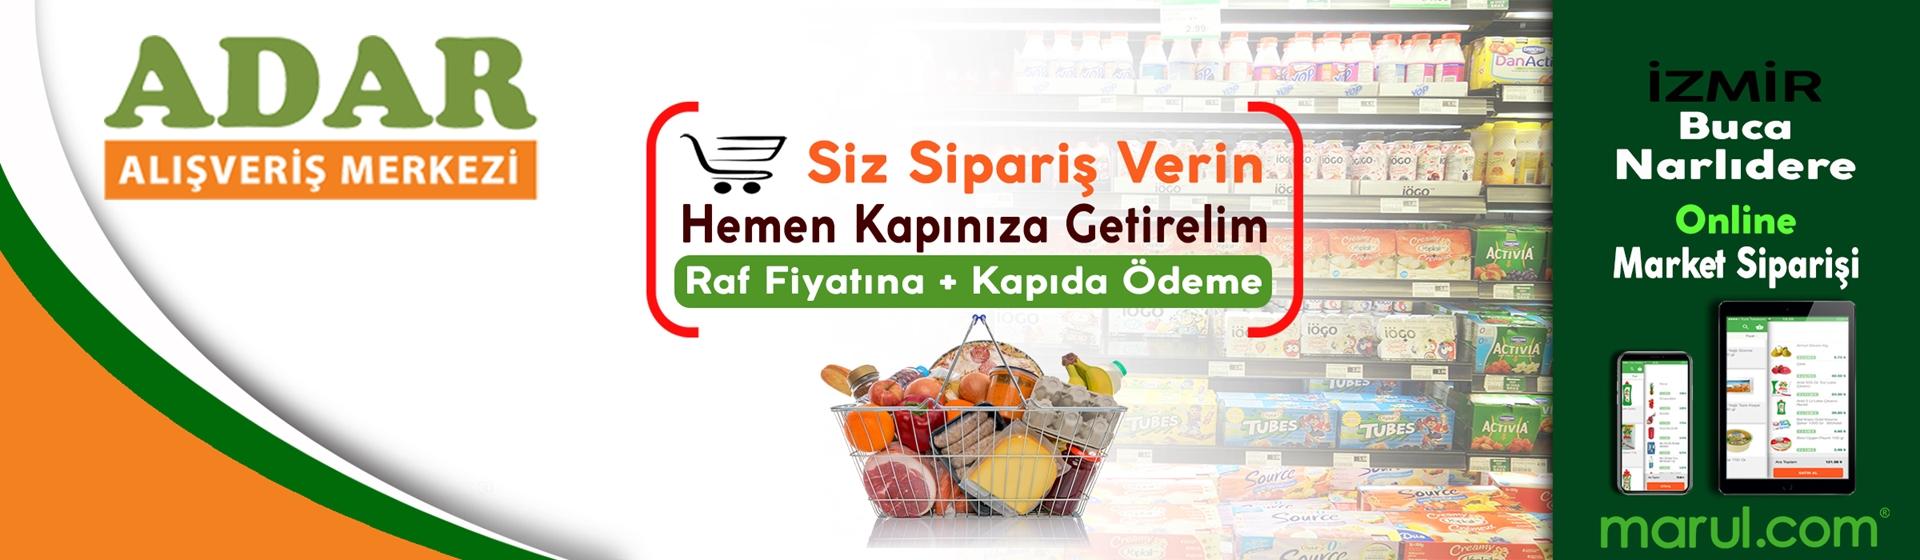 izmir adar alışveriş merkezi online market alışverişi